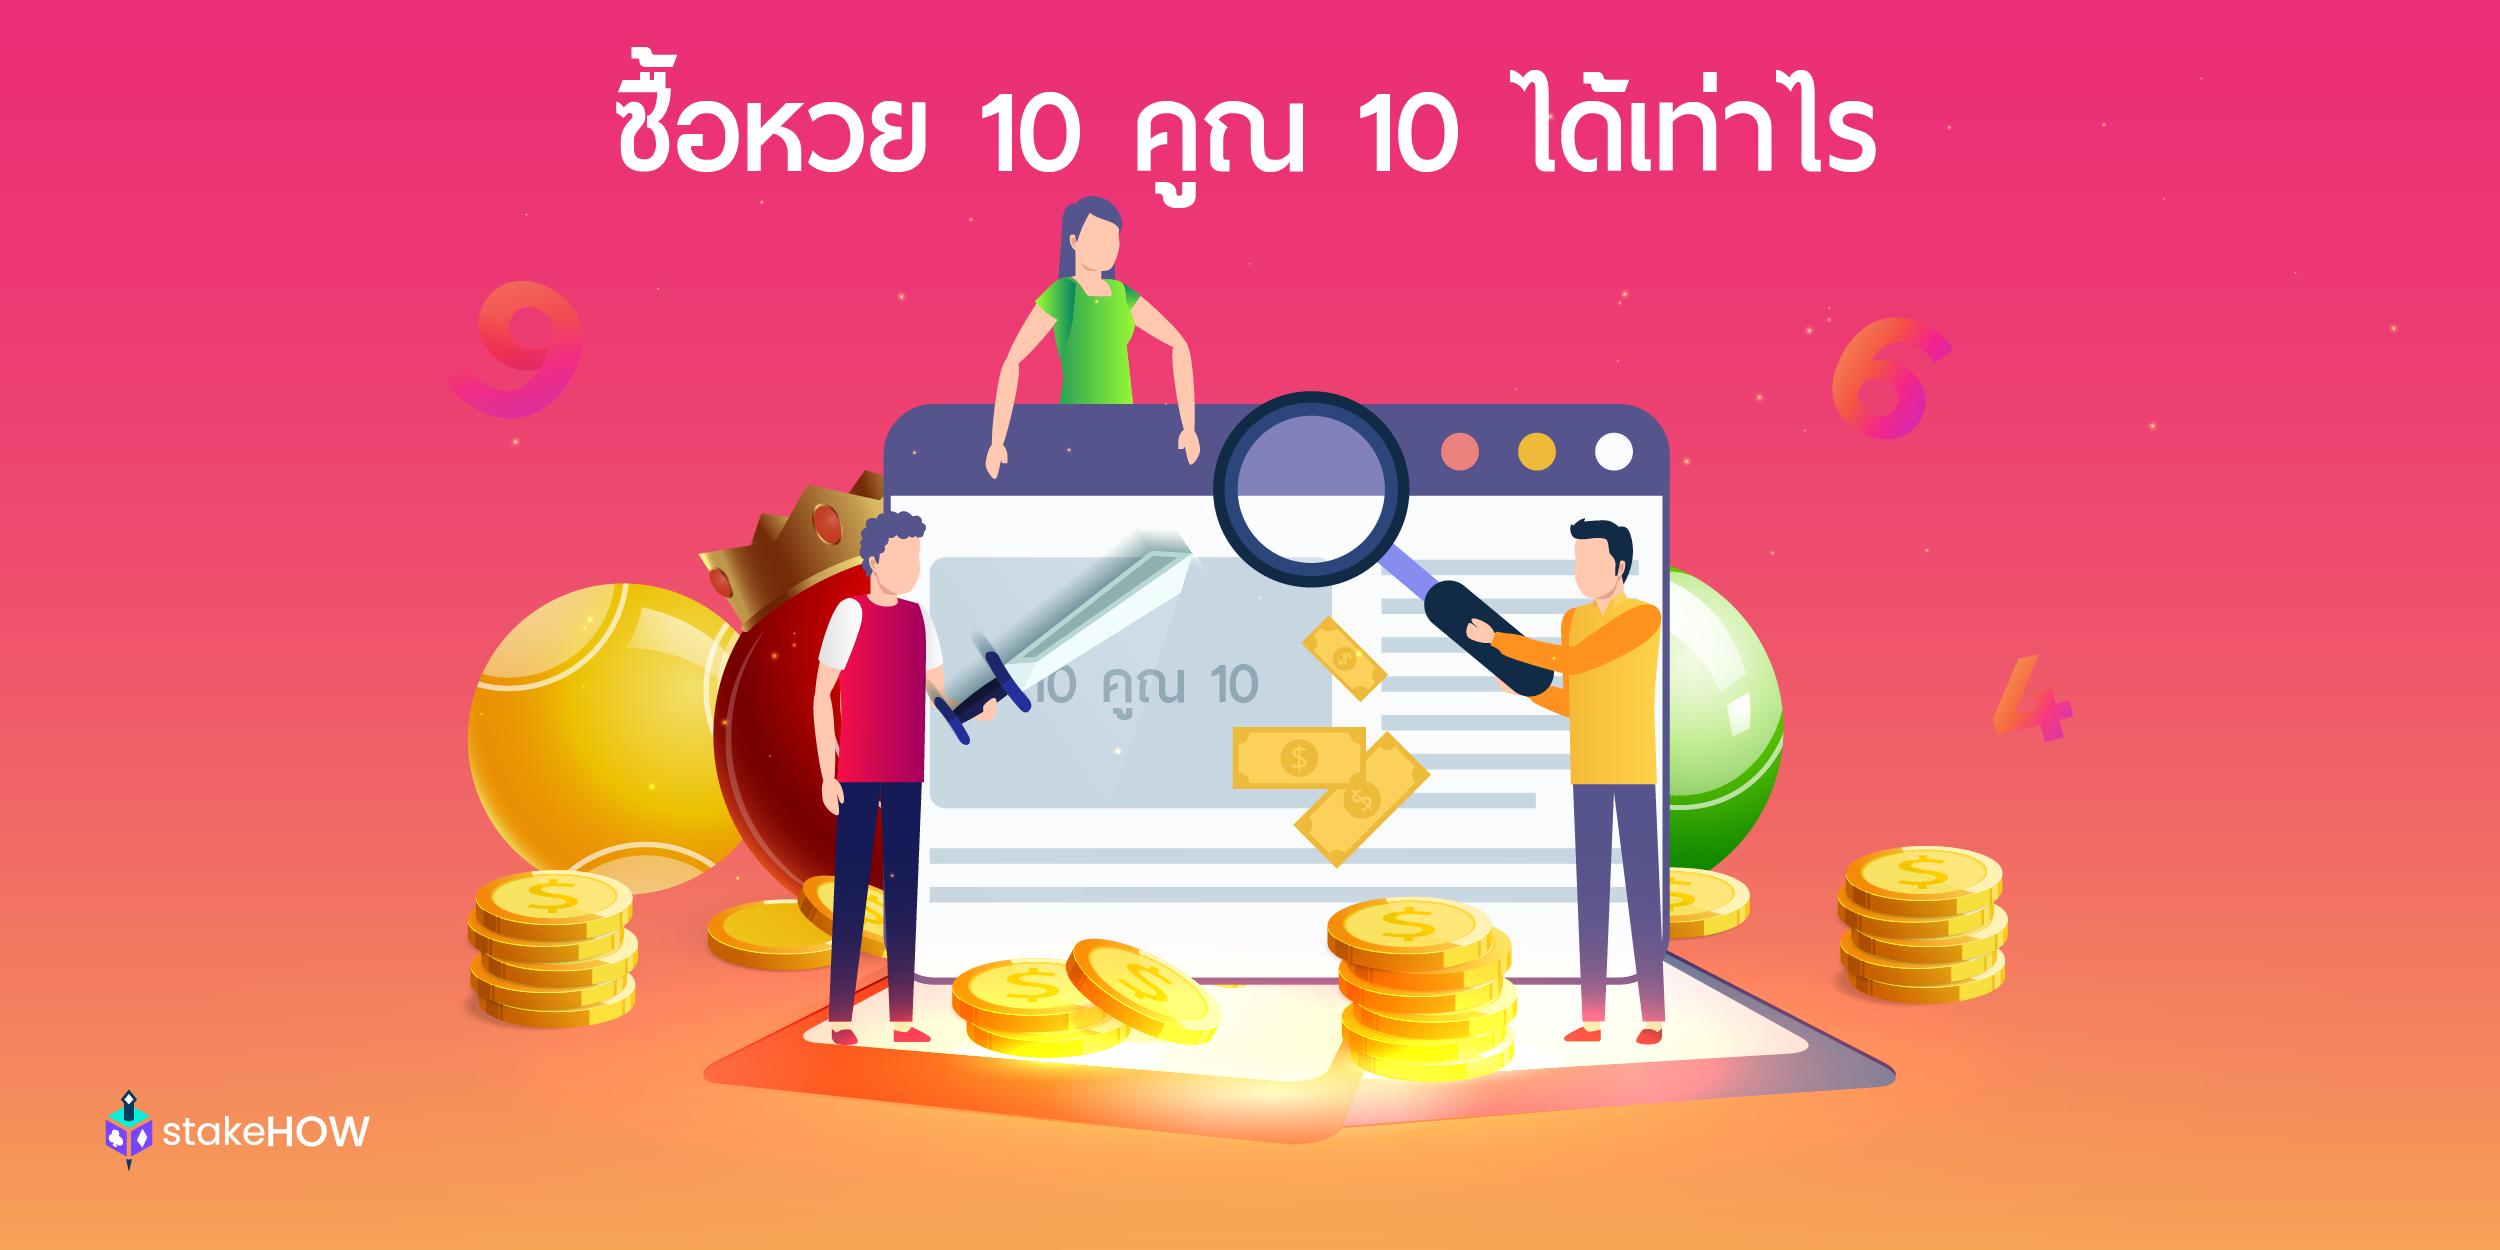 ซื้อหวย 10คูณ10 ได้เท่าไหร่ มาหาคำตอบกันในบทความนี้6 min read